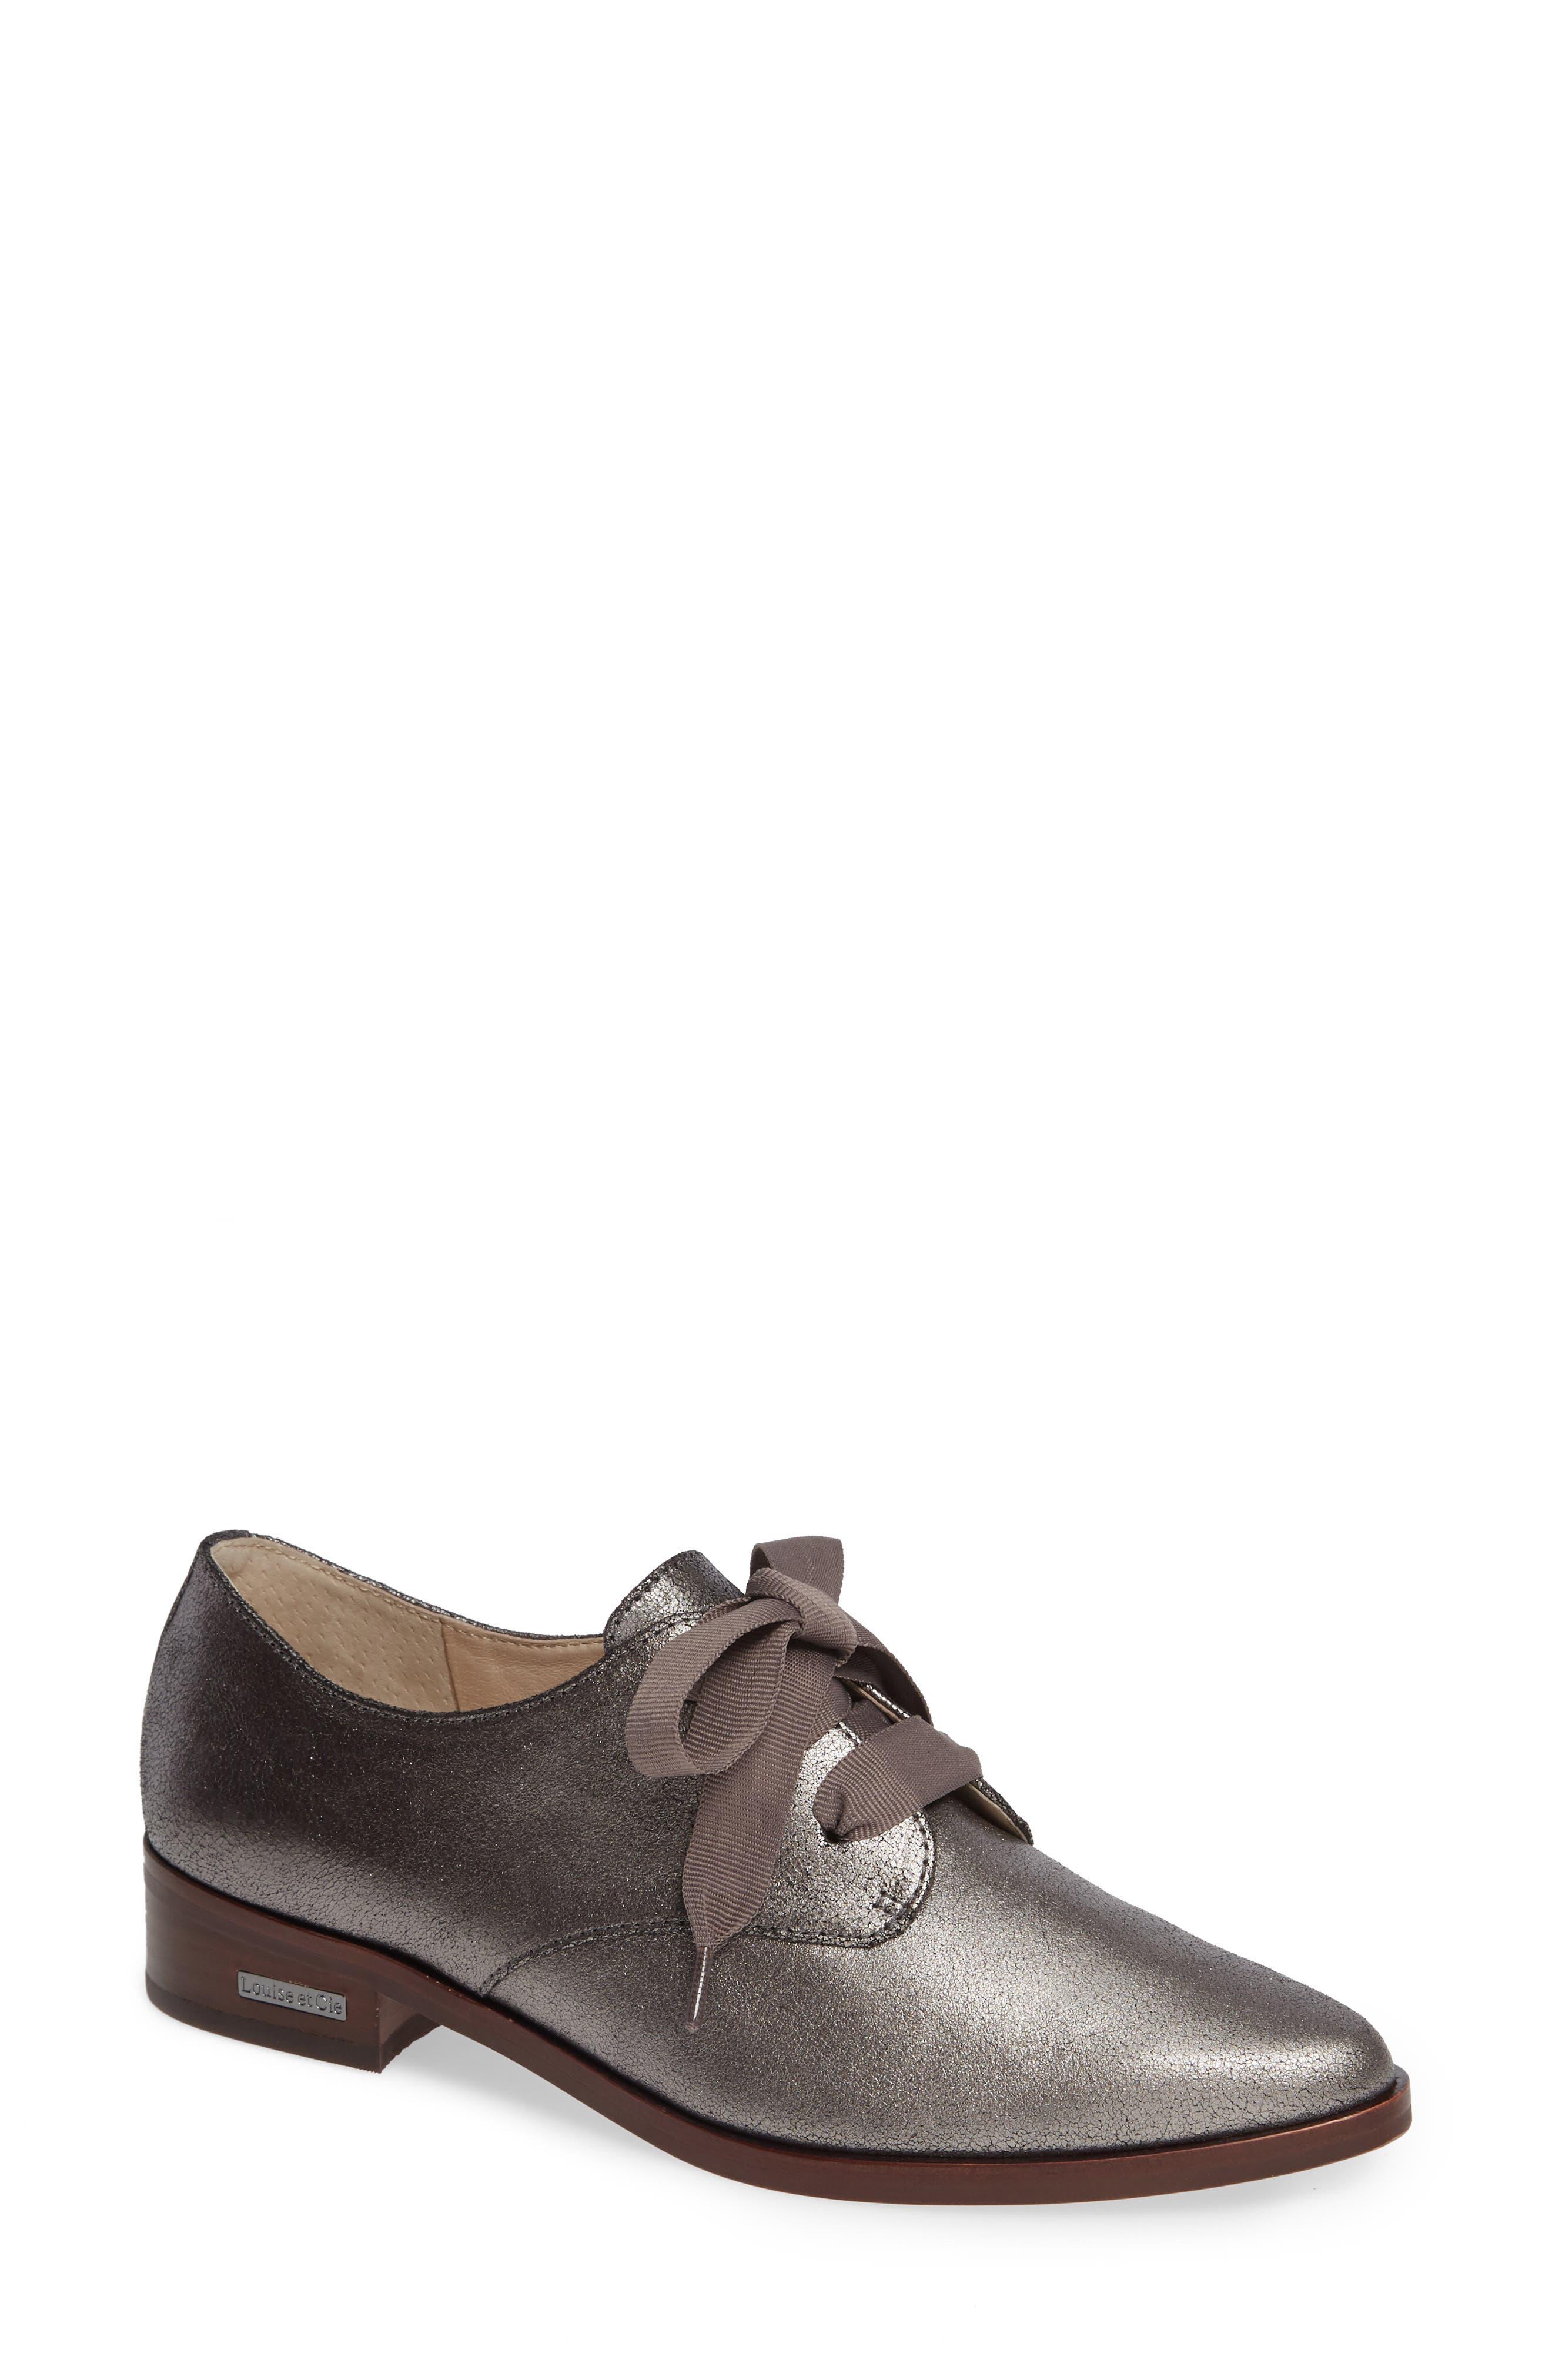 Adwin Almond Toe Oxford, Main, color, 022